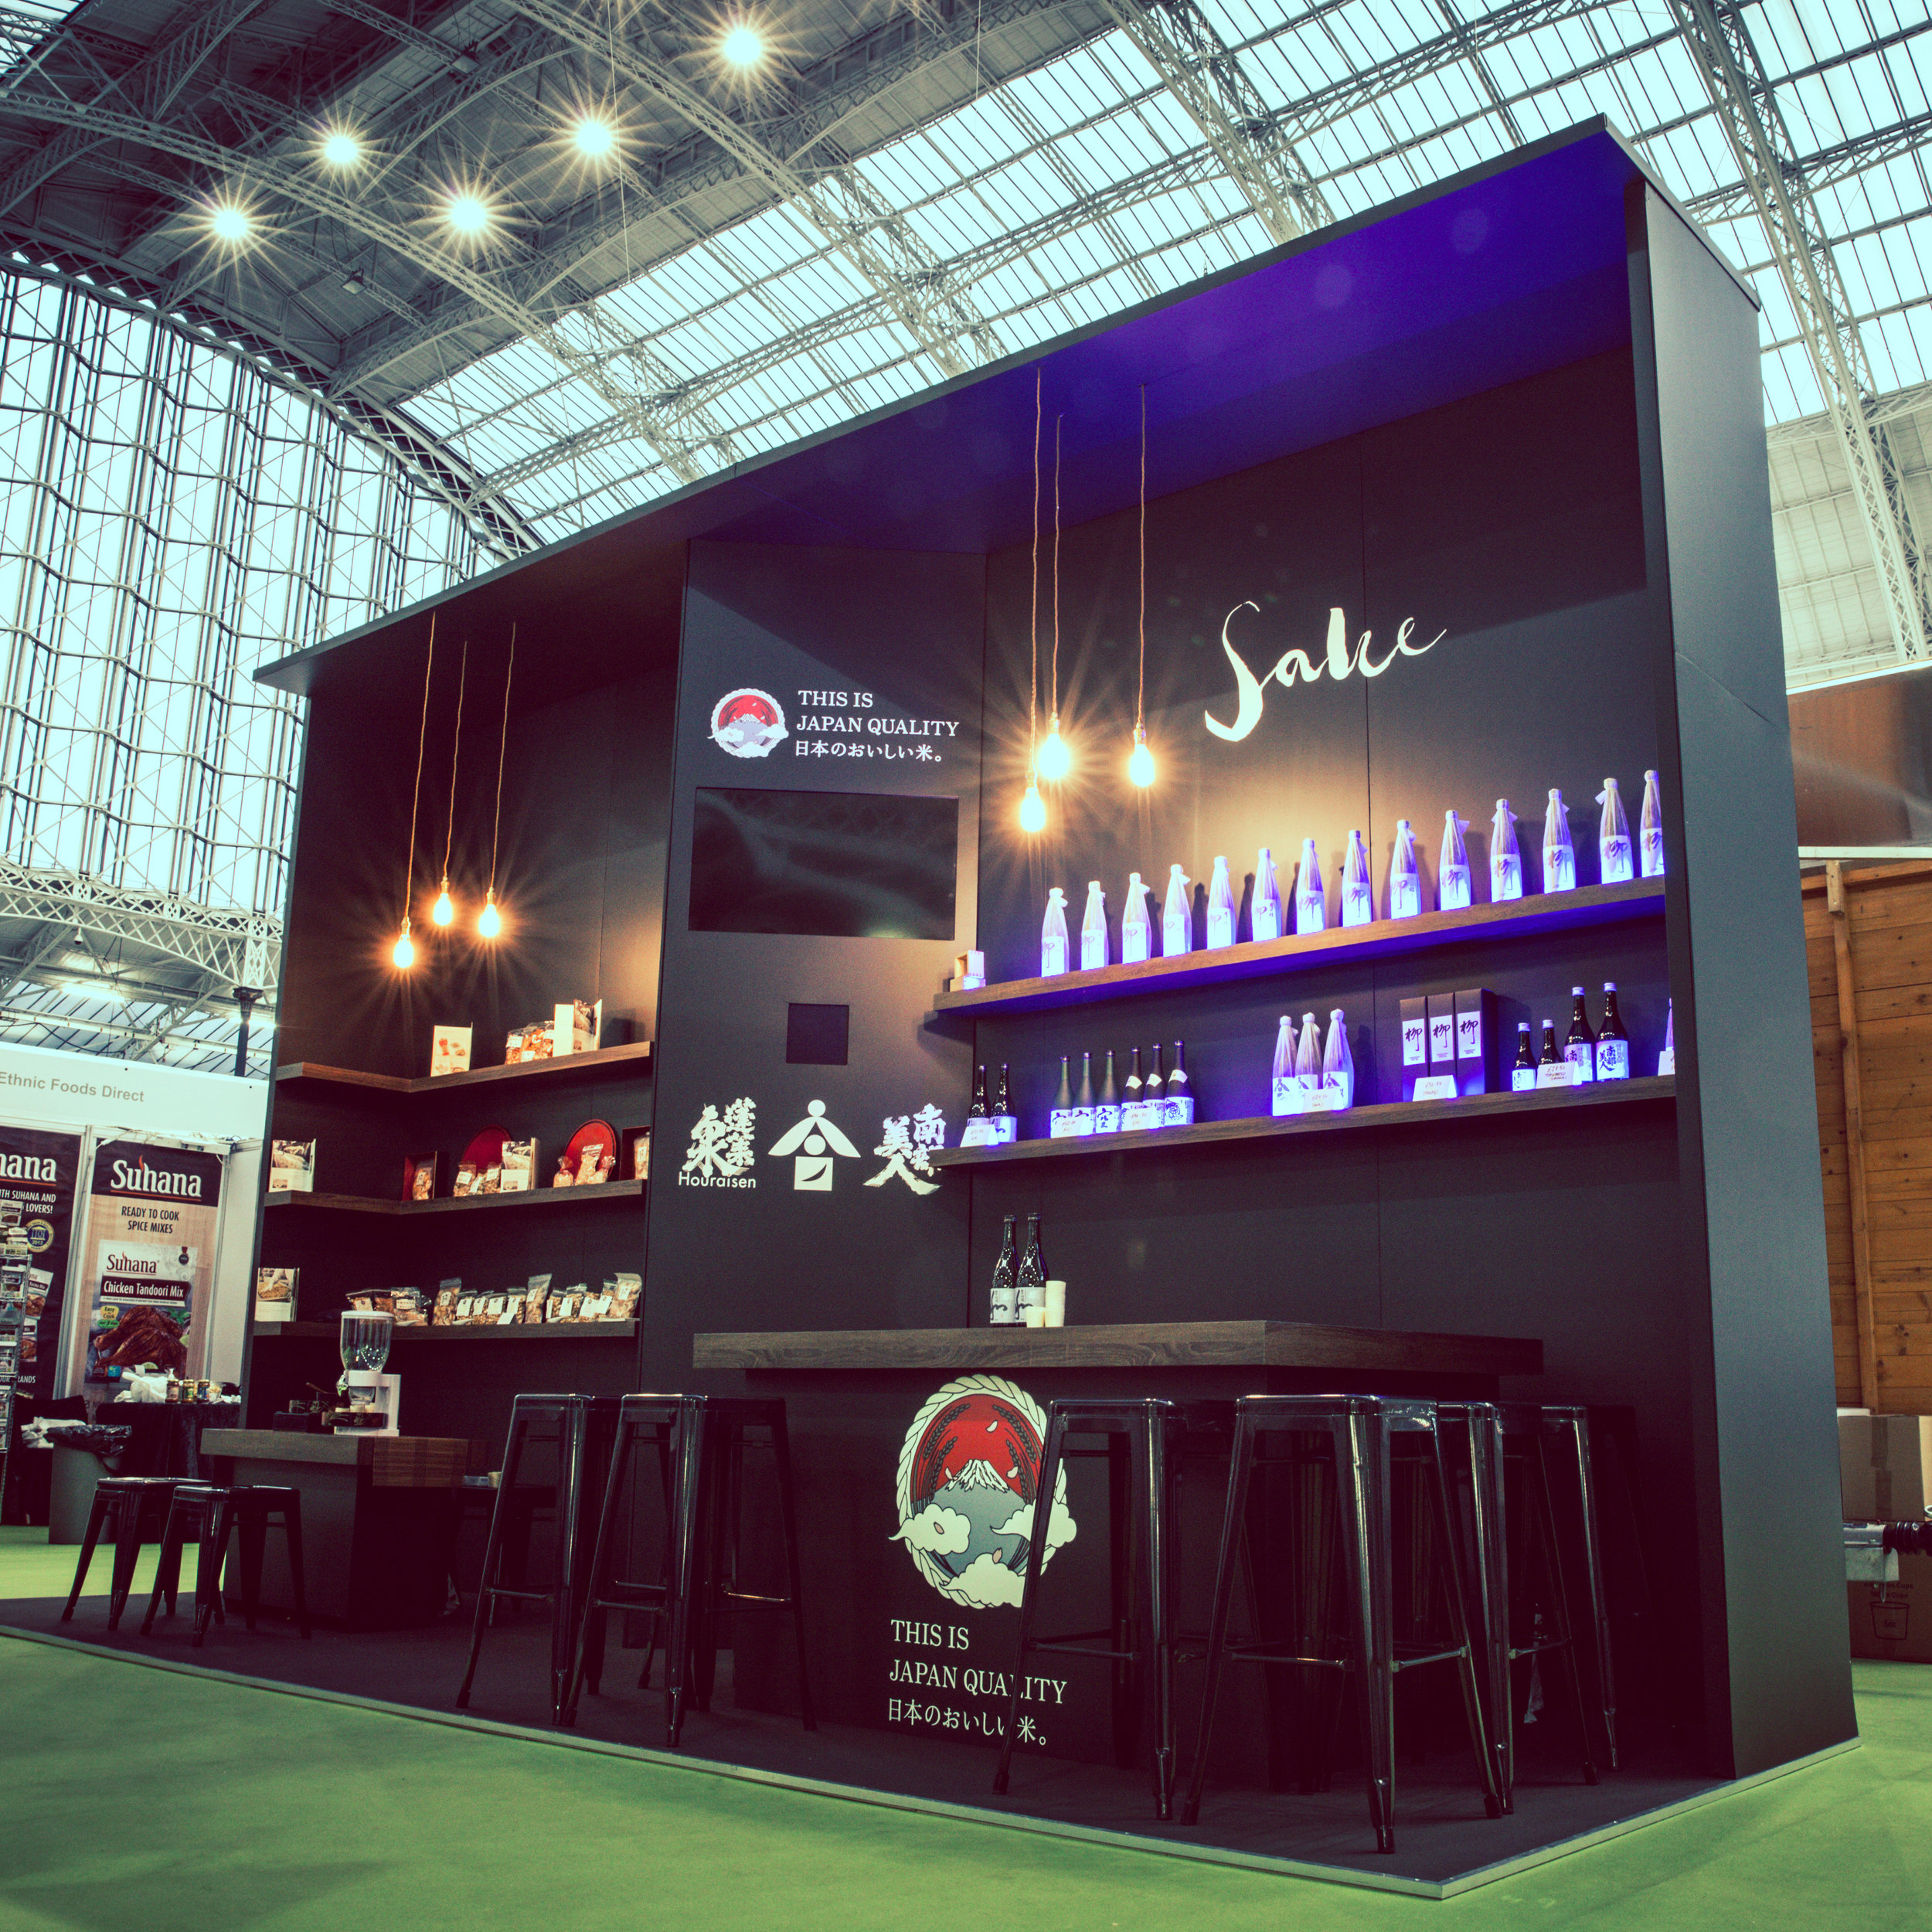 Sake - UK Promotion